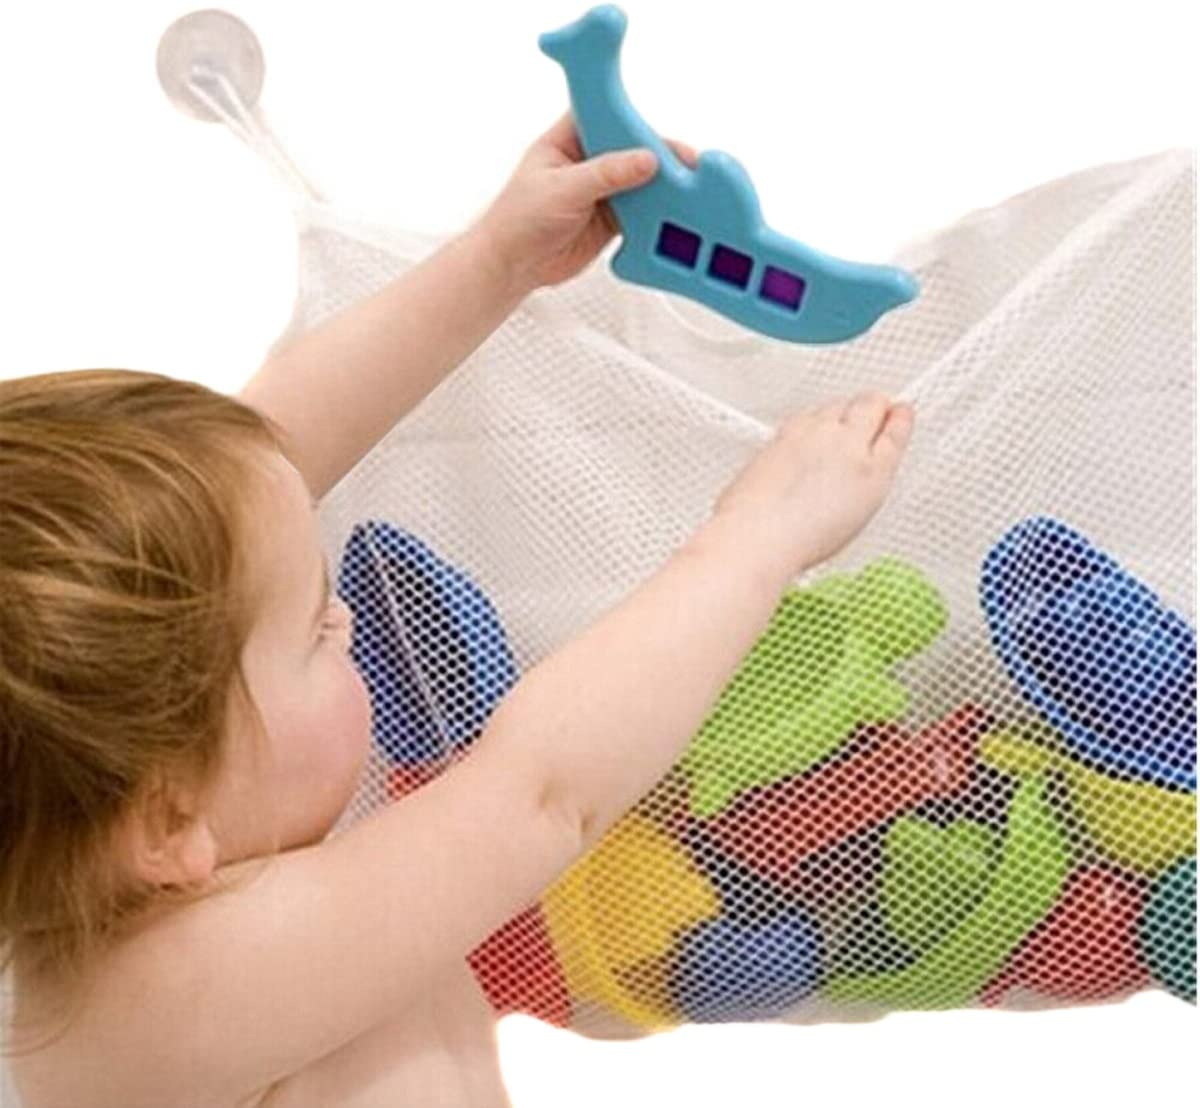 Sac de Maille pour des Jouets de Bain 17.7x13IN JUNSHEN Rangement pour Jouets de Bain avec 4 ventouses,Bath Toys Organizer,Organisateur Lavable Multifonctionnel de Jouets de Bain de Maille